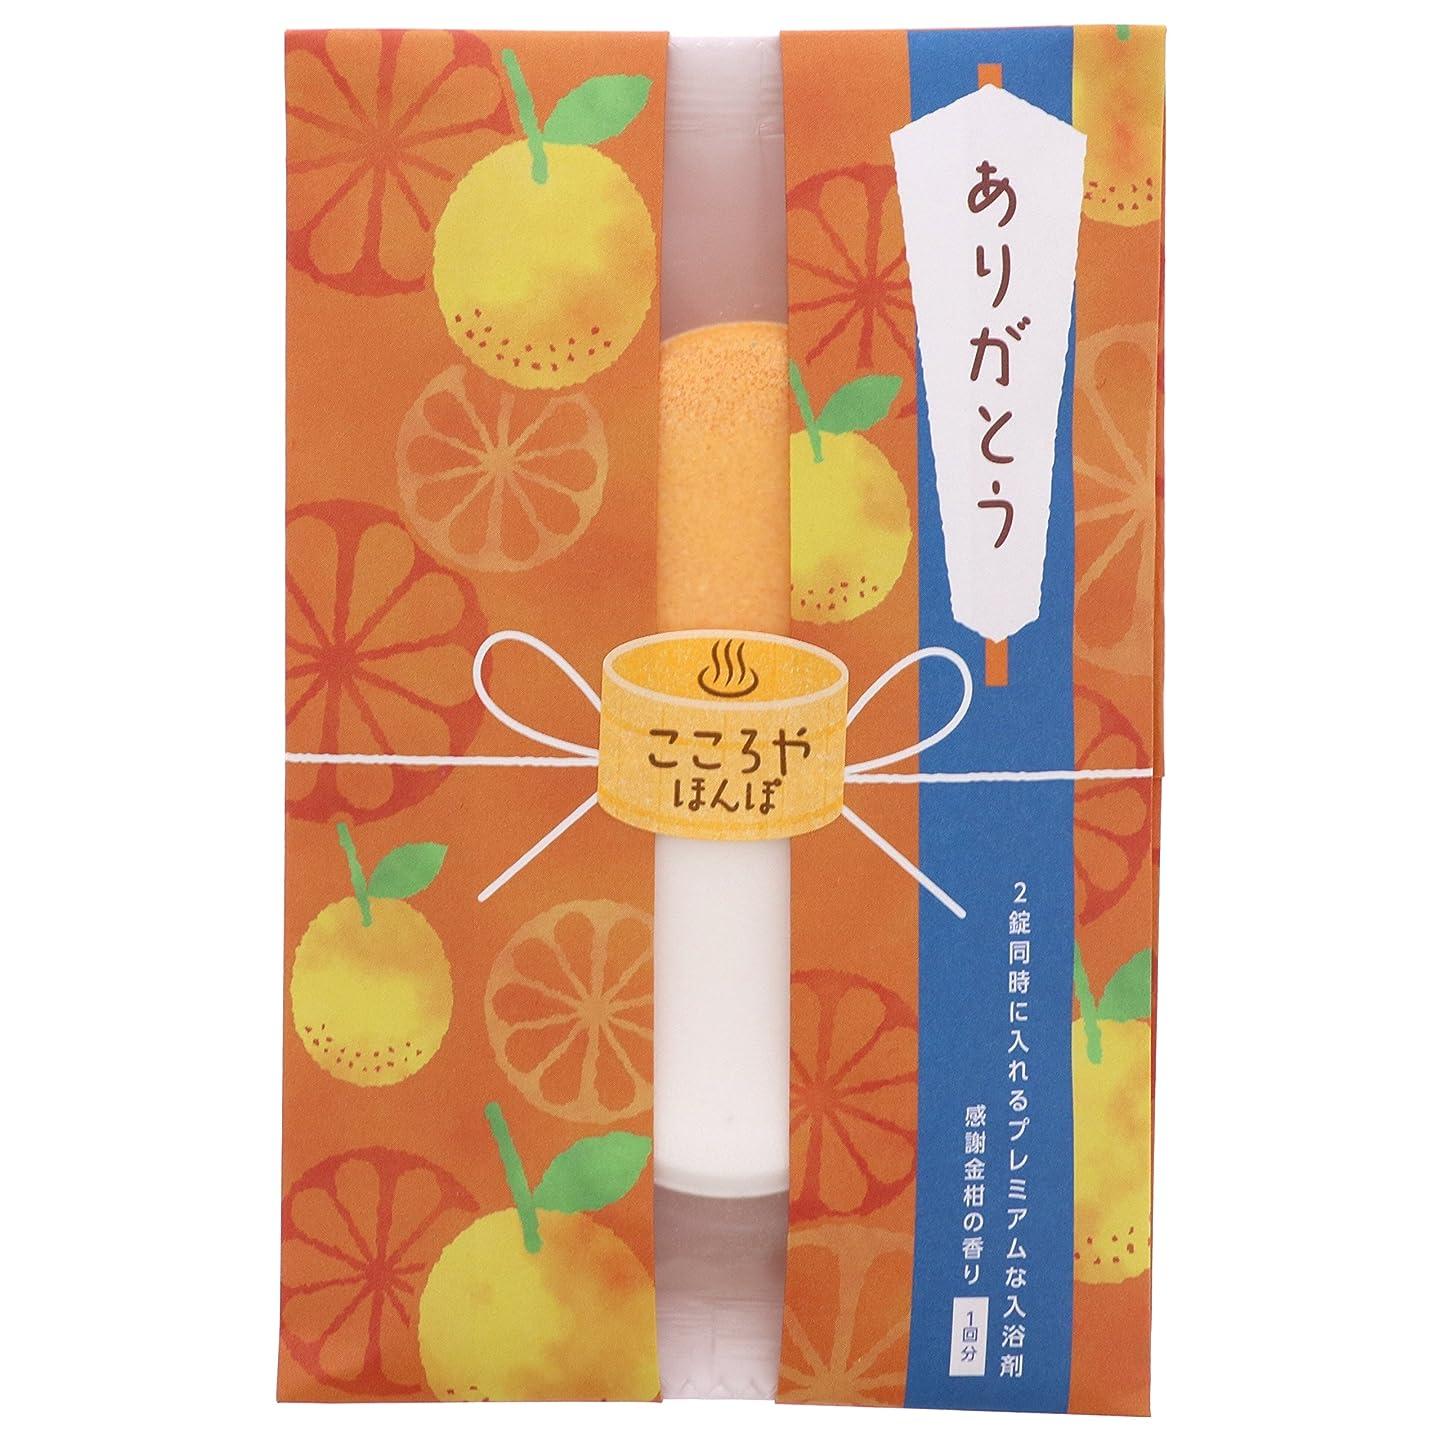 直感食堂端こころやほんぽ カジュアルギフト 入浴剤 ありがとう 金柑の香り 50g